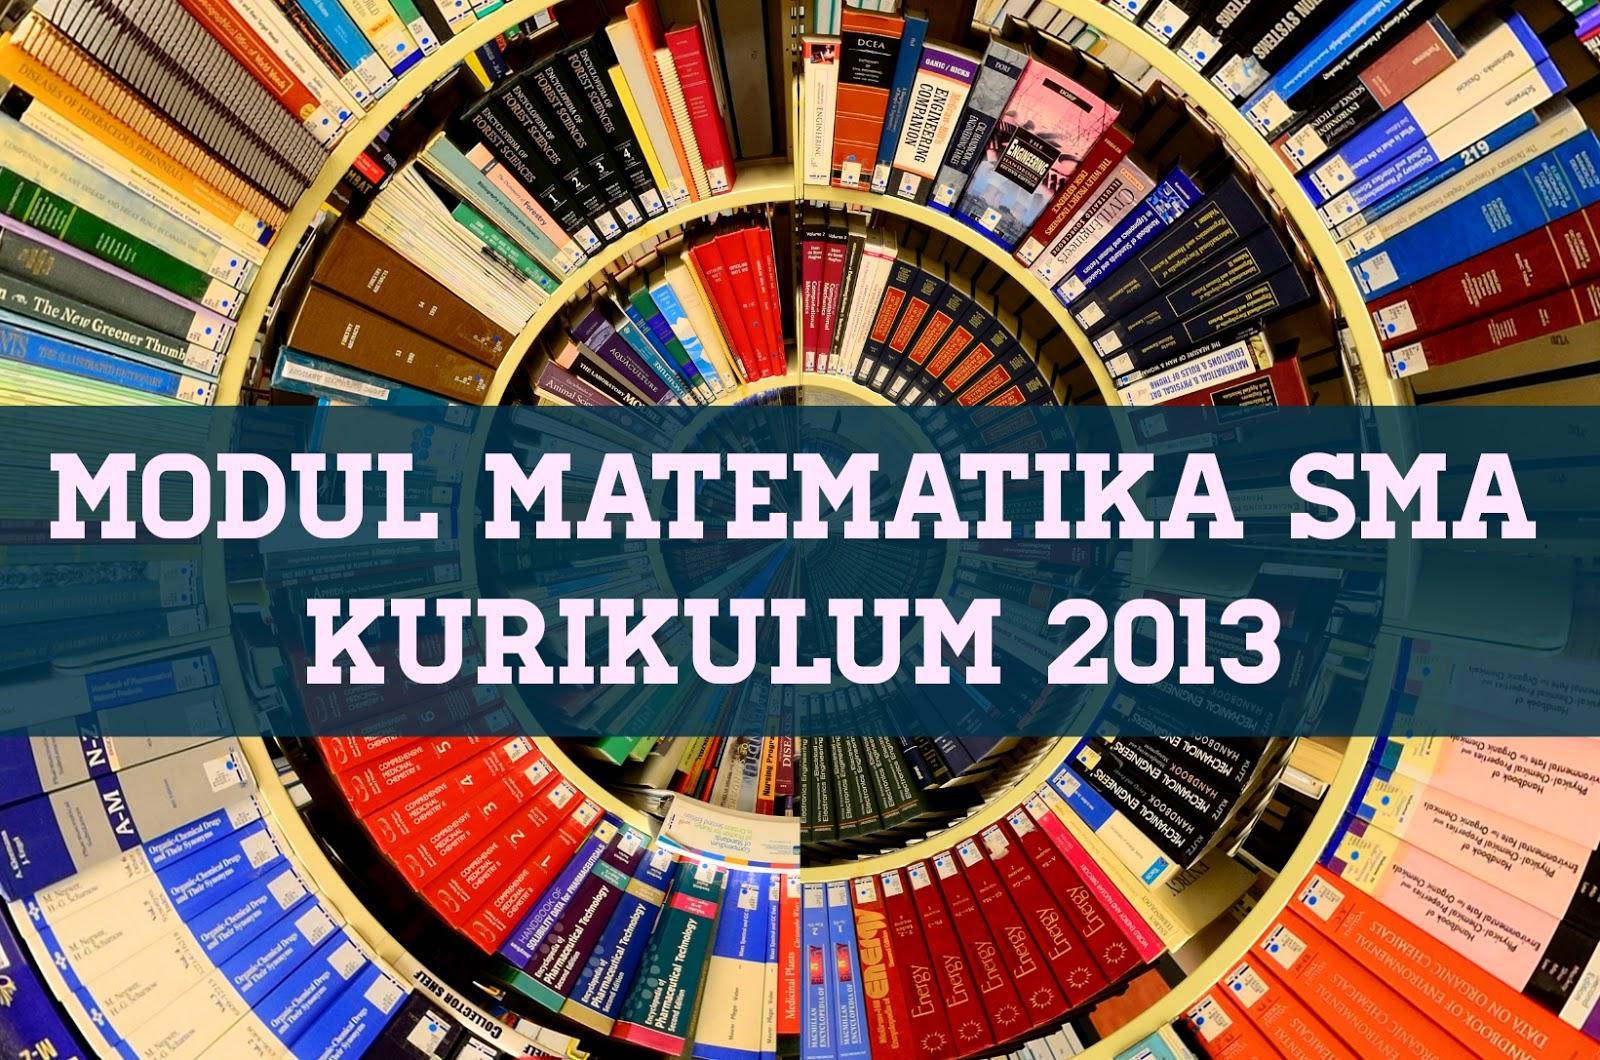 Modul Matematika SMA Kurikulum 2013 (*Cocok Untuk Siswa dan Guru)